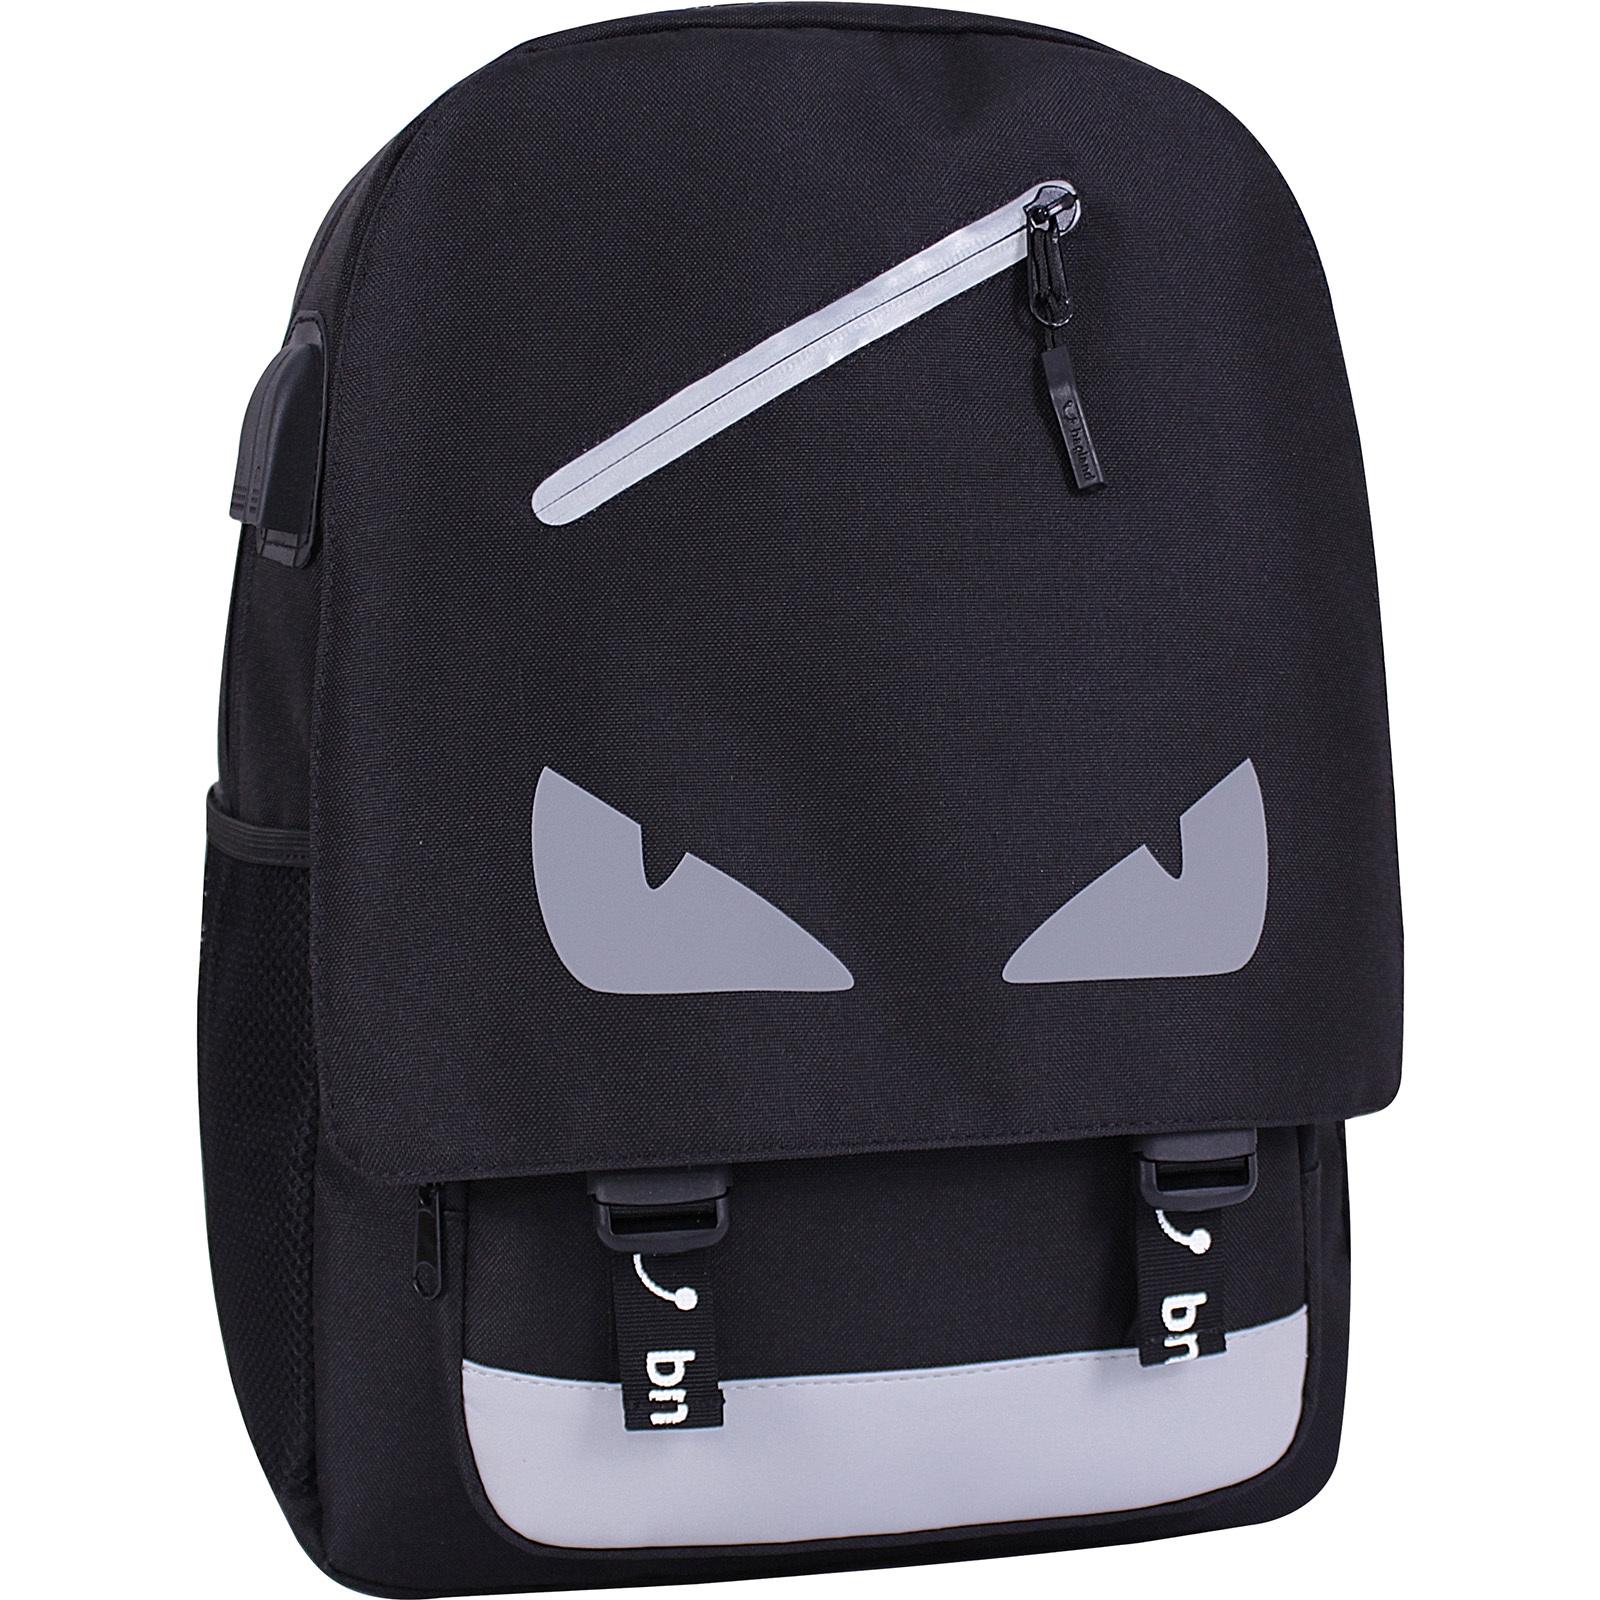 Рюкзаки для ноутбука Рюкзак Bagland Venom 13 л. Чёрный (0058566) IMG_4804.JPG